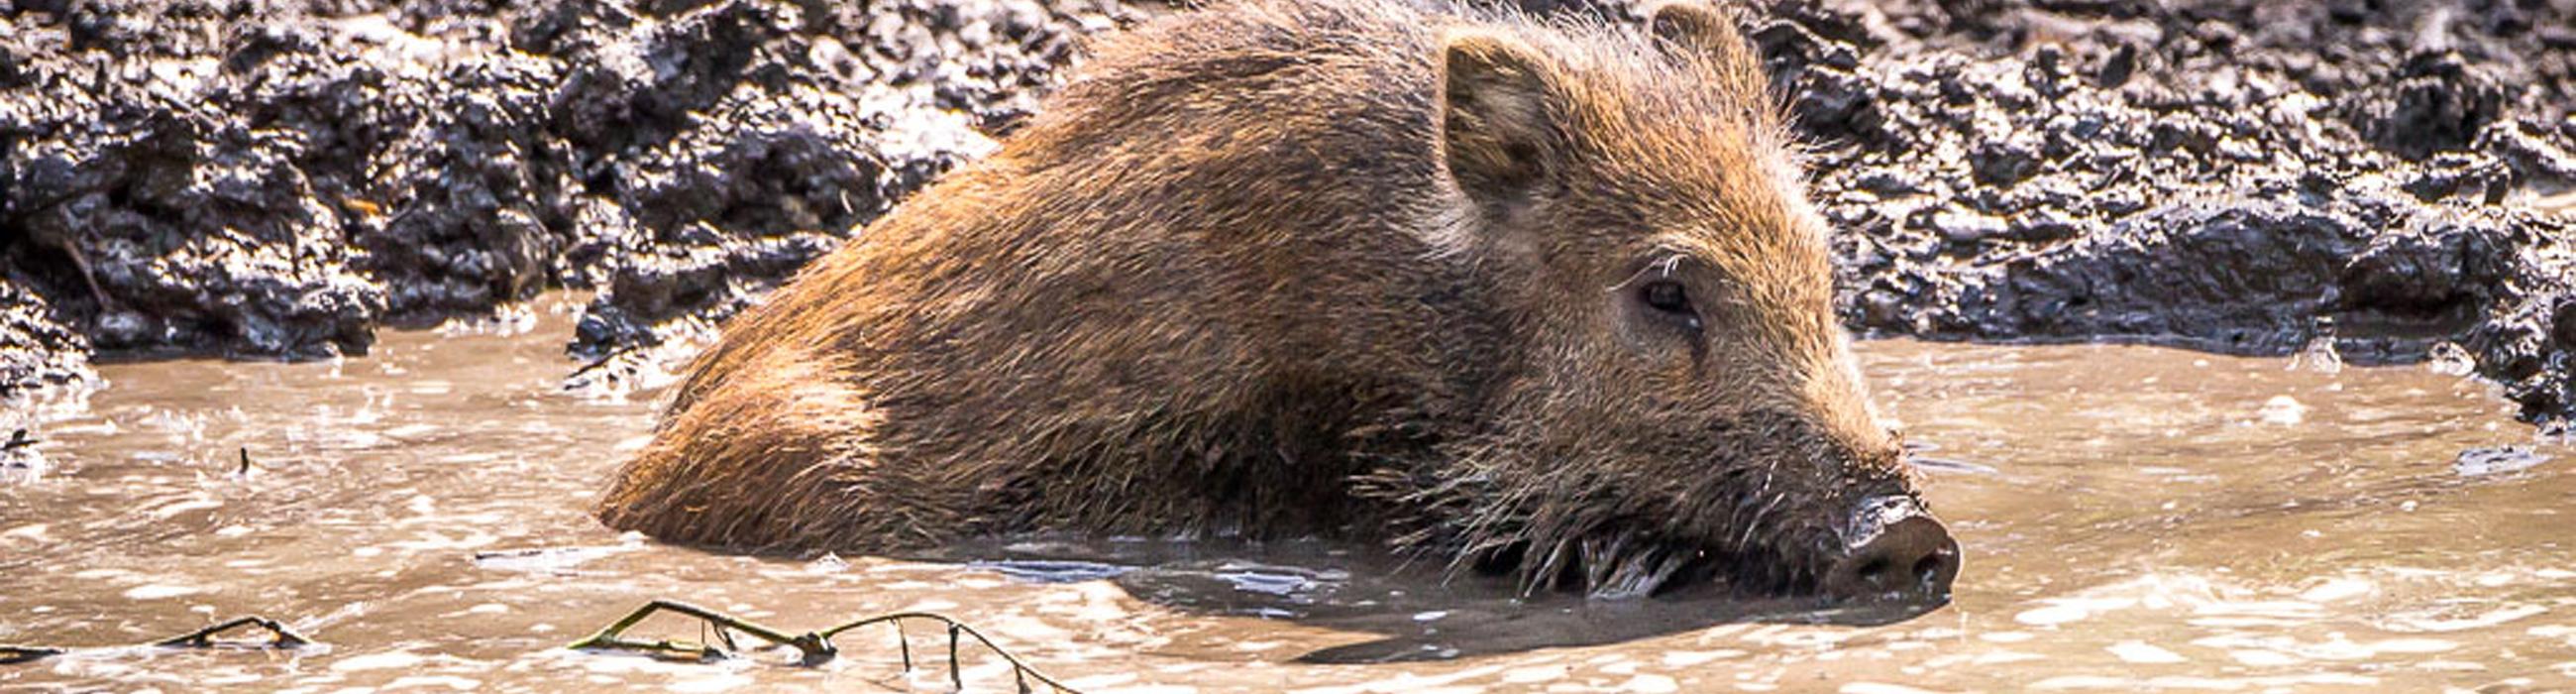 Wildschwein suhlend